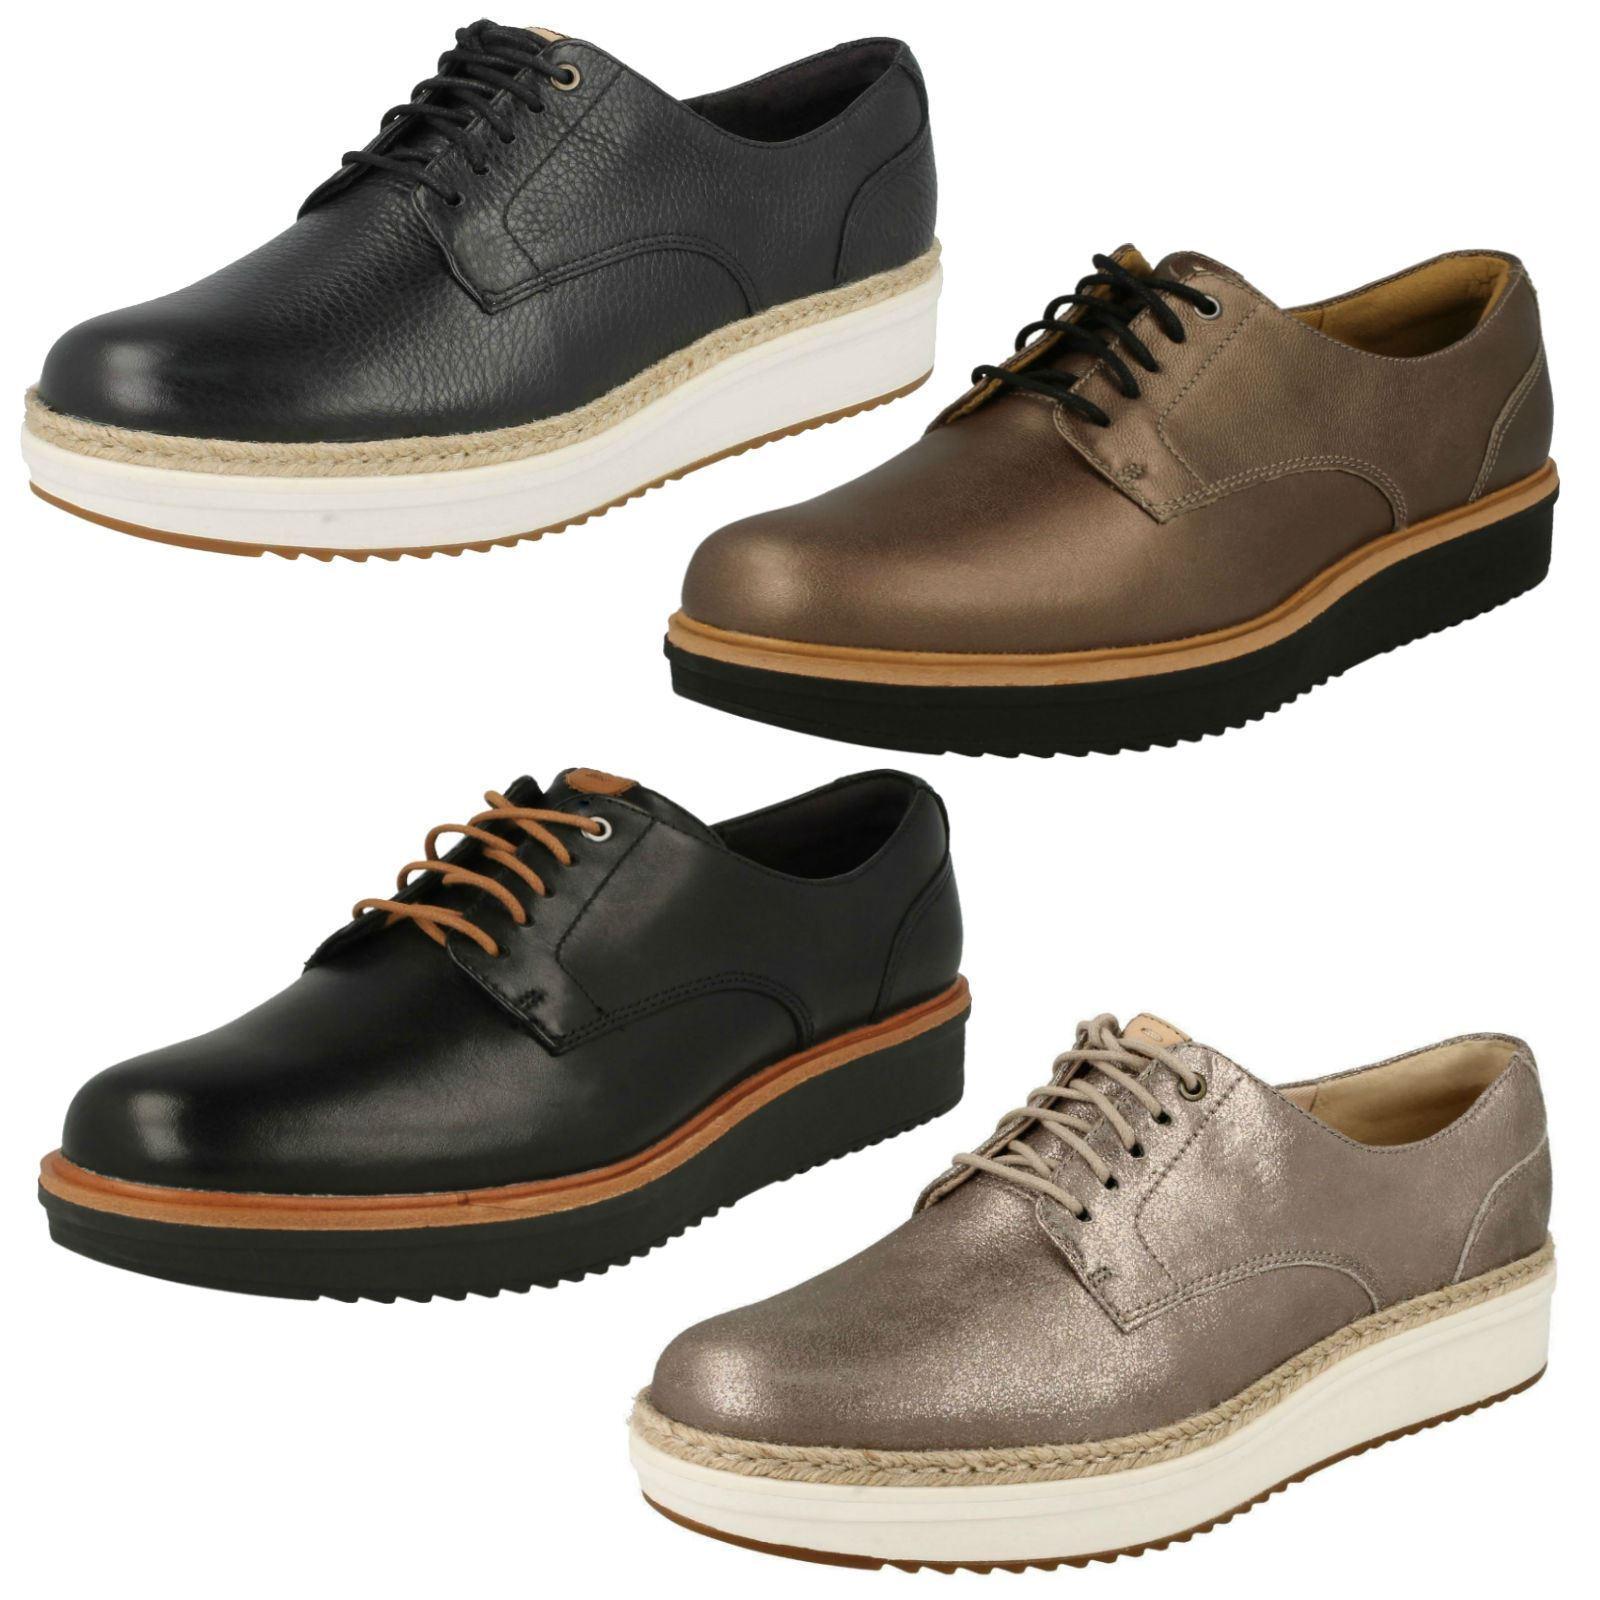 Clarks Ladies Casual shoes 'Teadale Rhea'